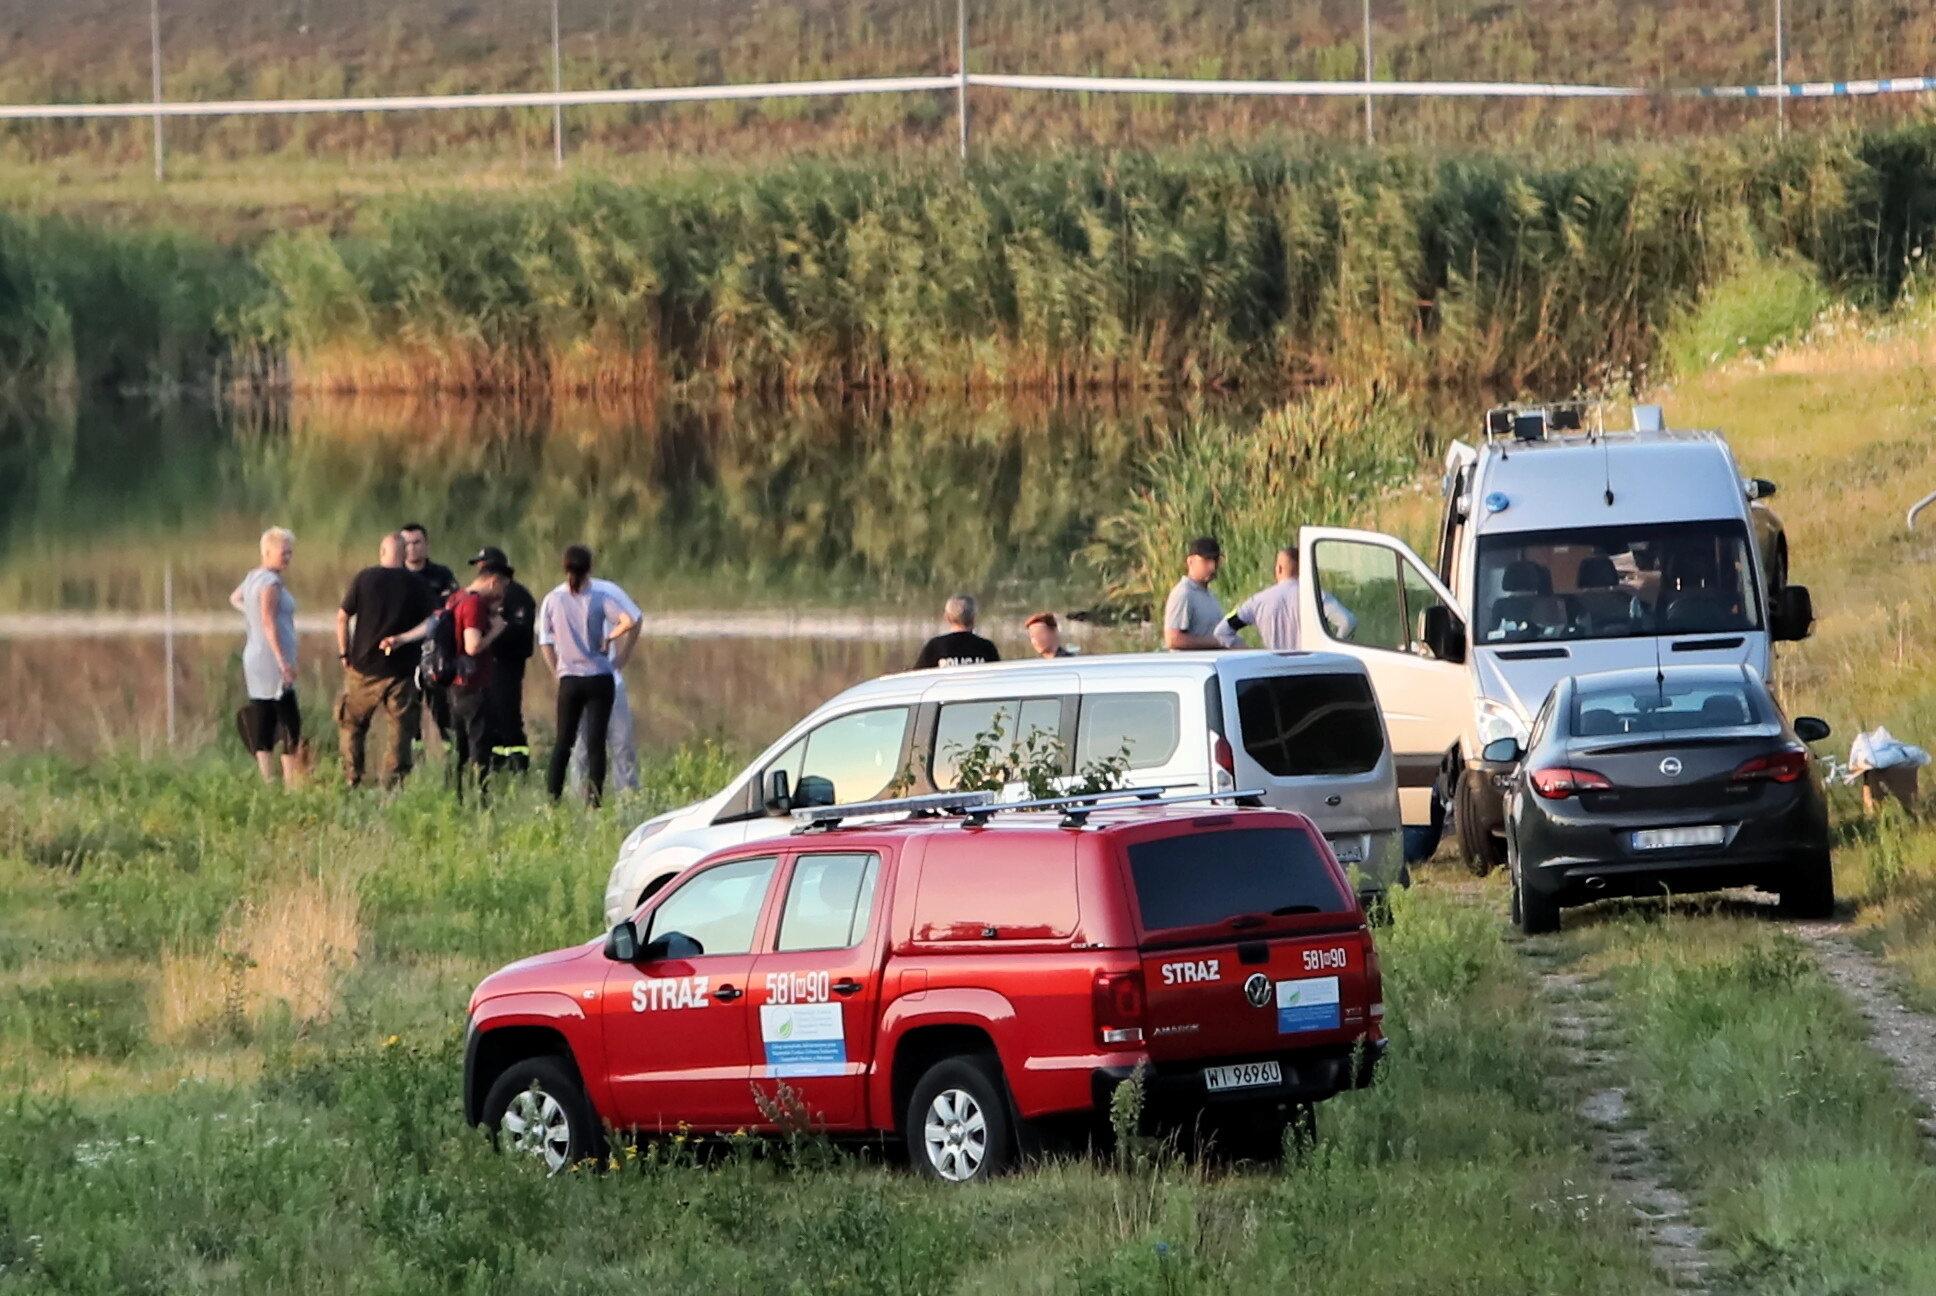 W okolicy autostrady A2, na trasie między stolicą a Grodziskiem Mazowieckim znaleziono ciało dziecka